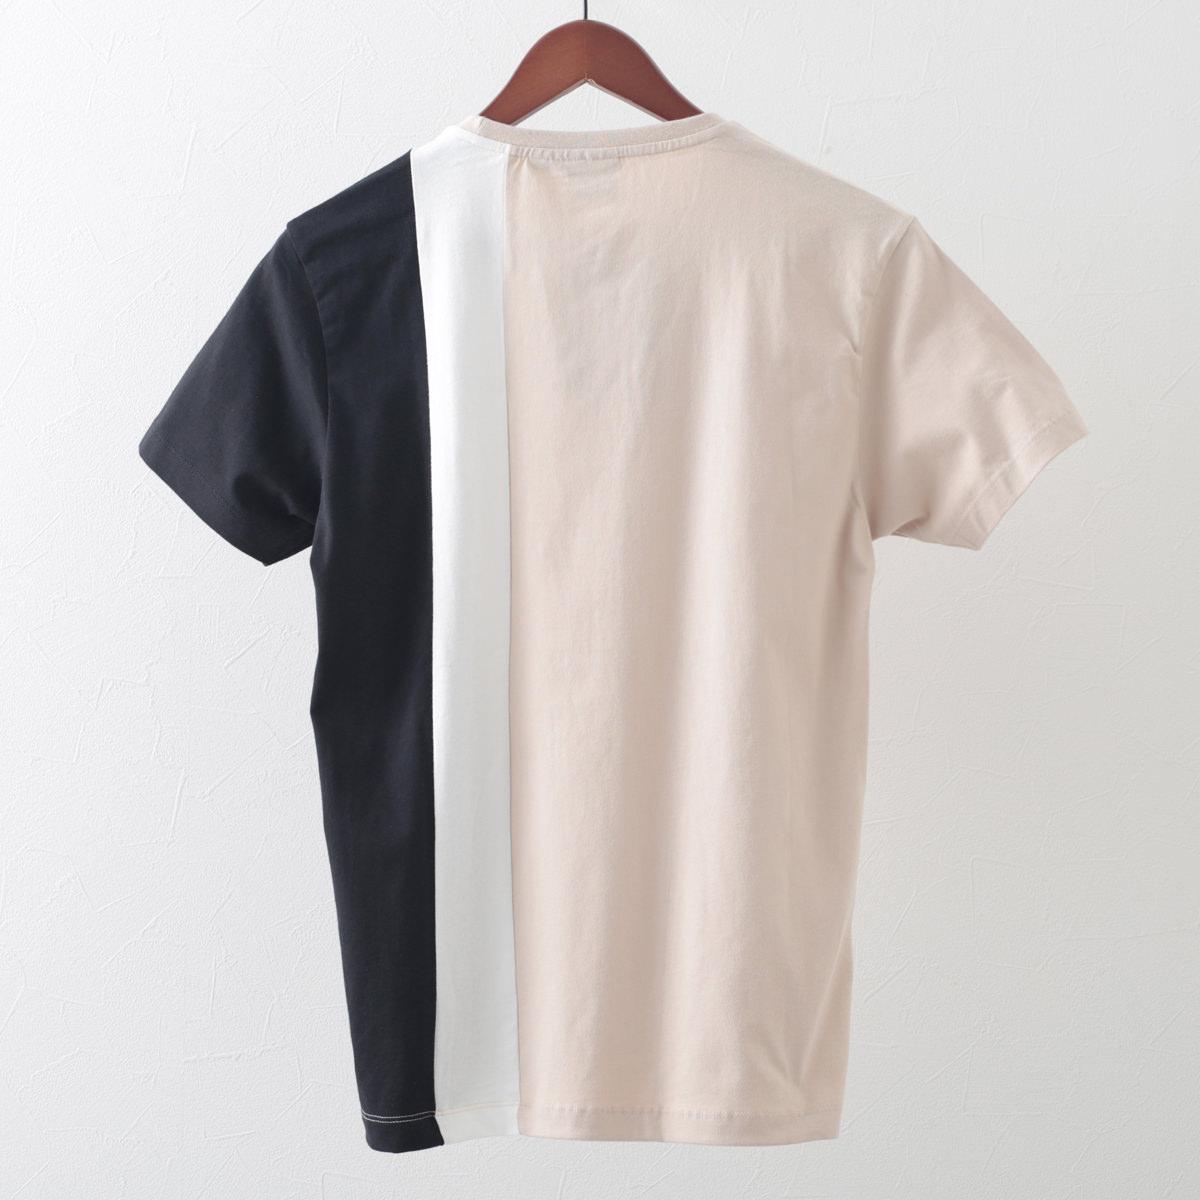 メルクロンドン メンズ Tシャツ パネル 切替 Merc London 2色 スレートブルー ストーン レトロ